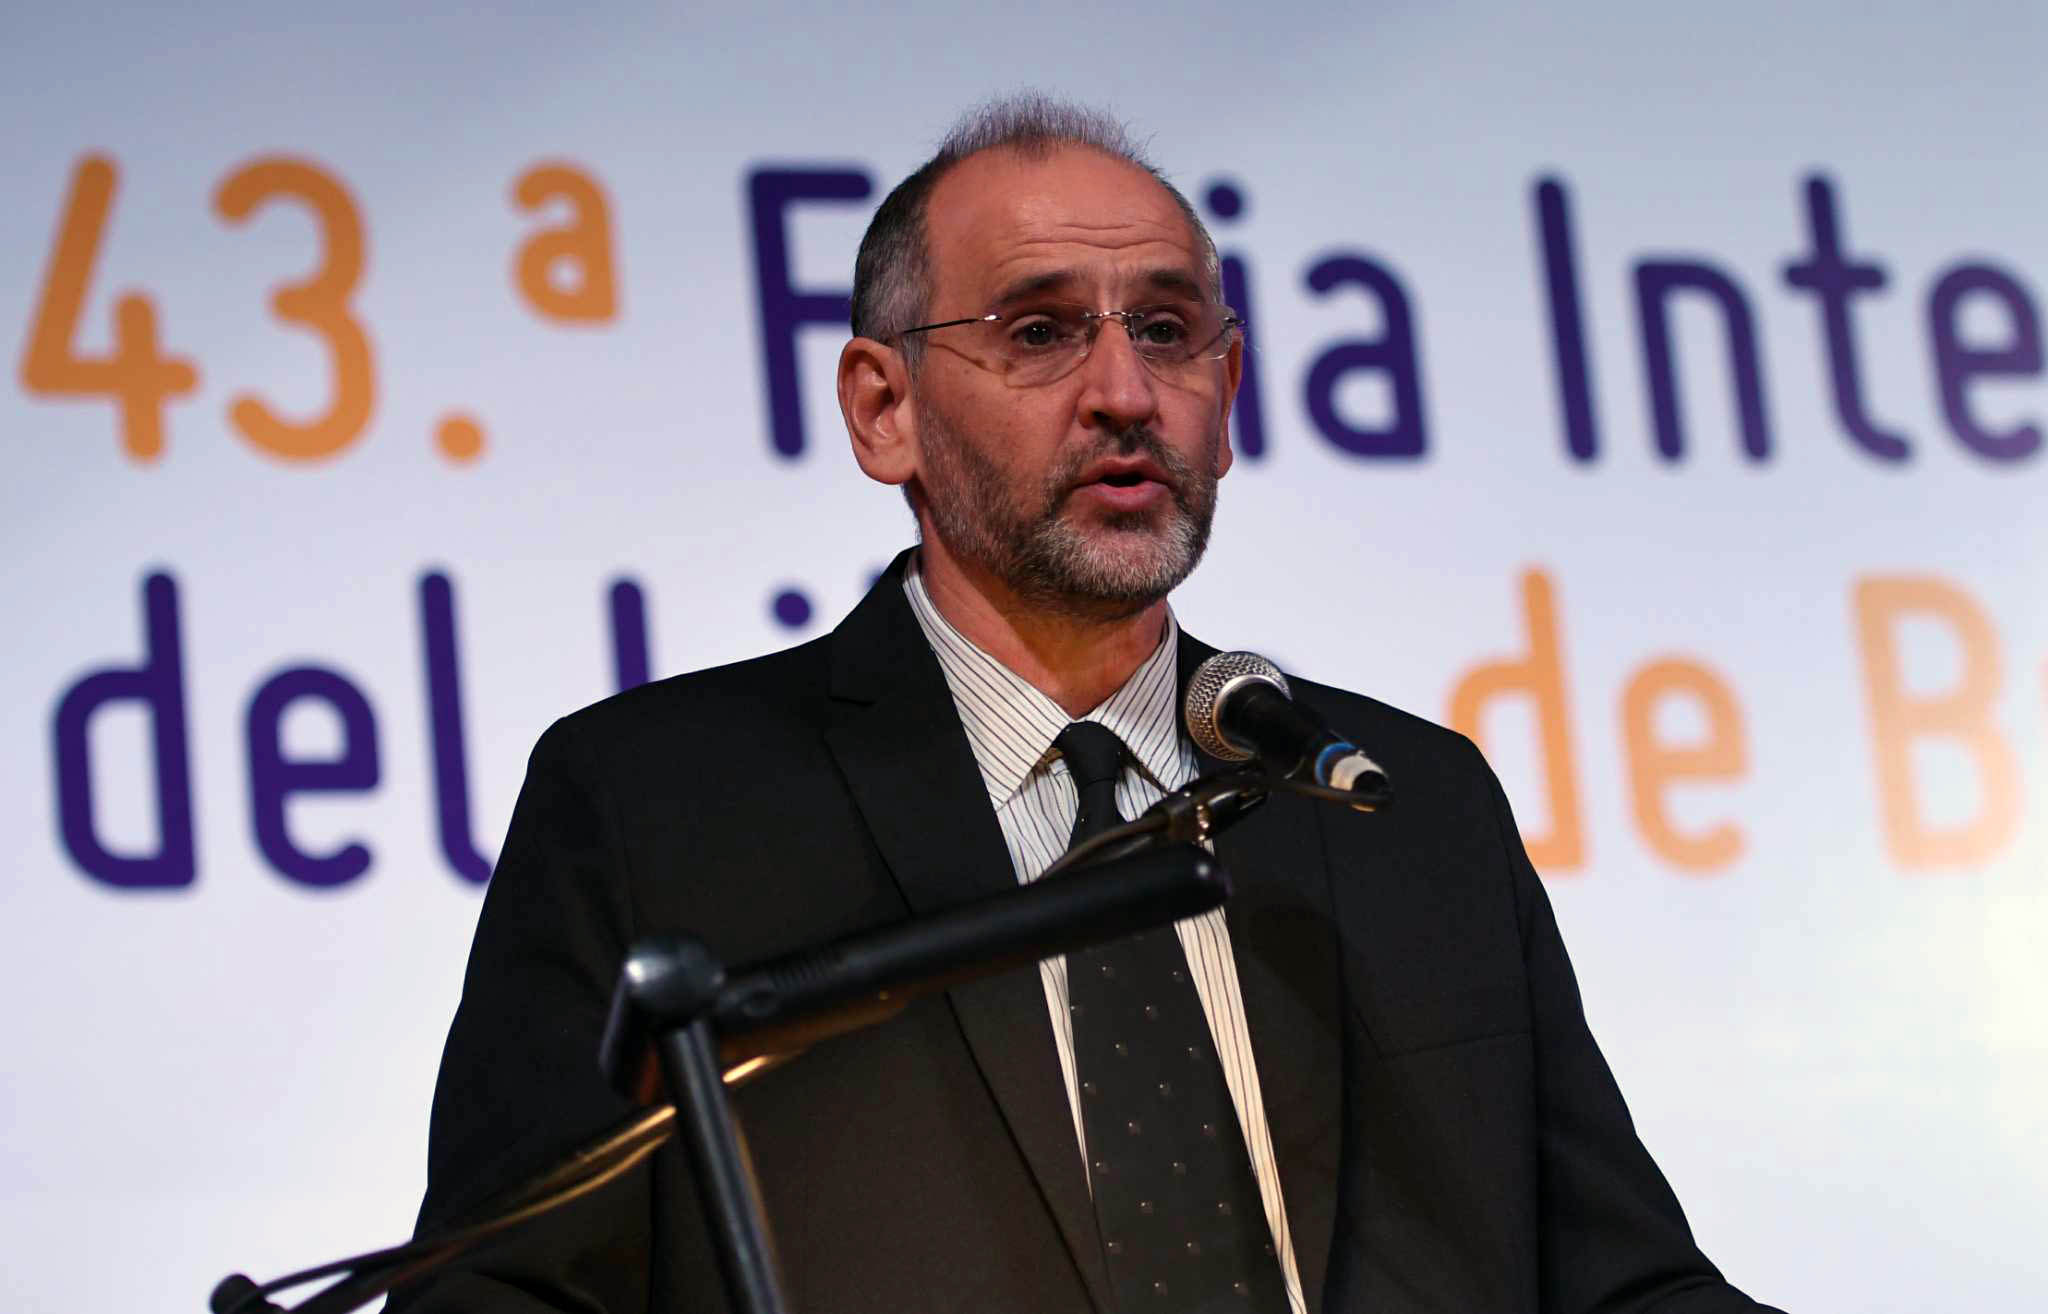 El Presidente de la Fundación El Libro, Martín Gremmelspacher. Foto: Osvaldo Fantón/jcp